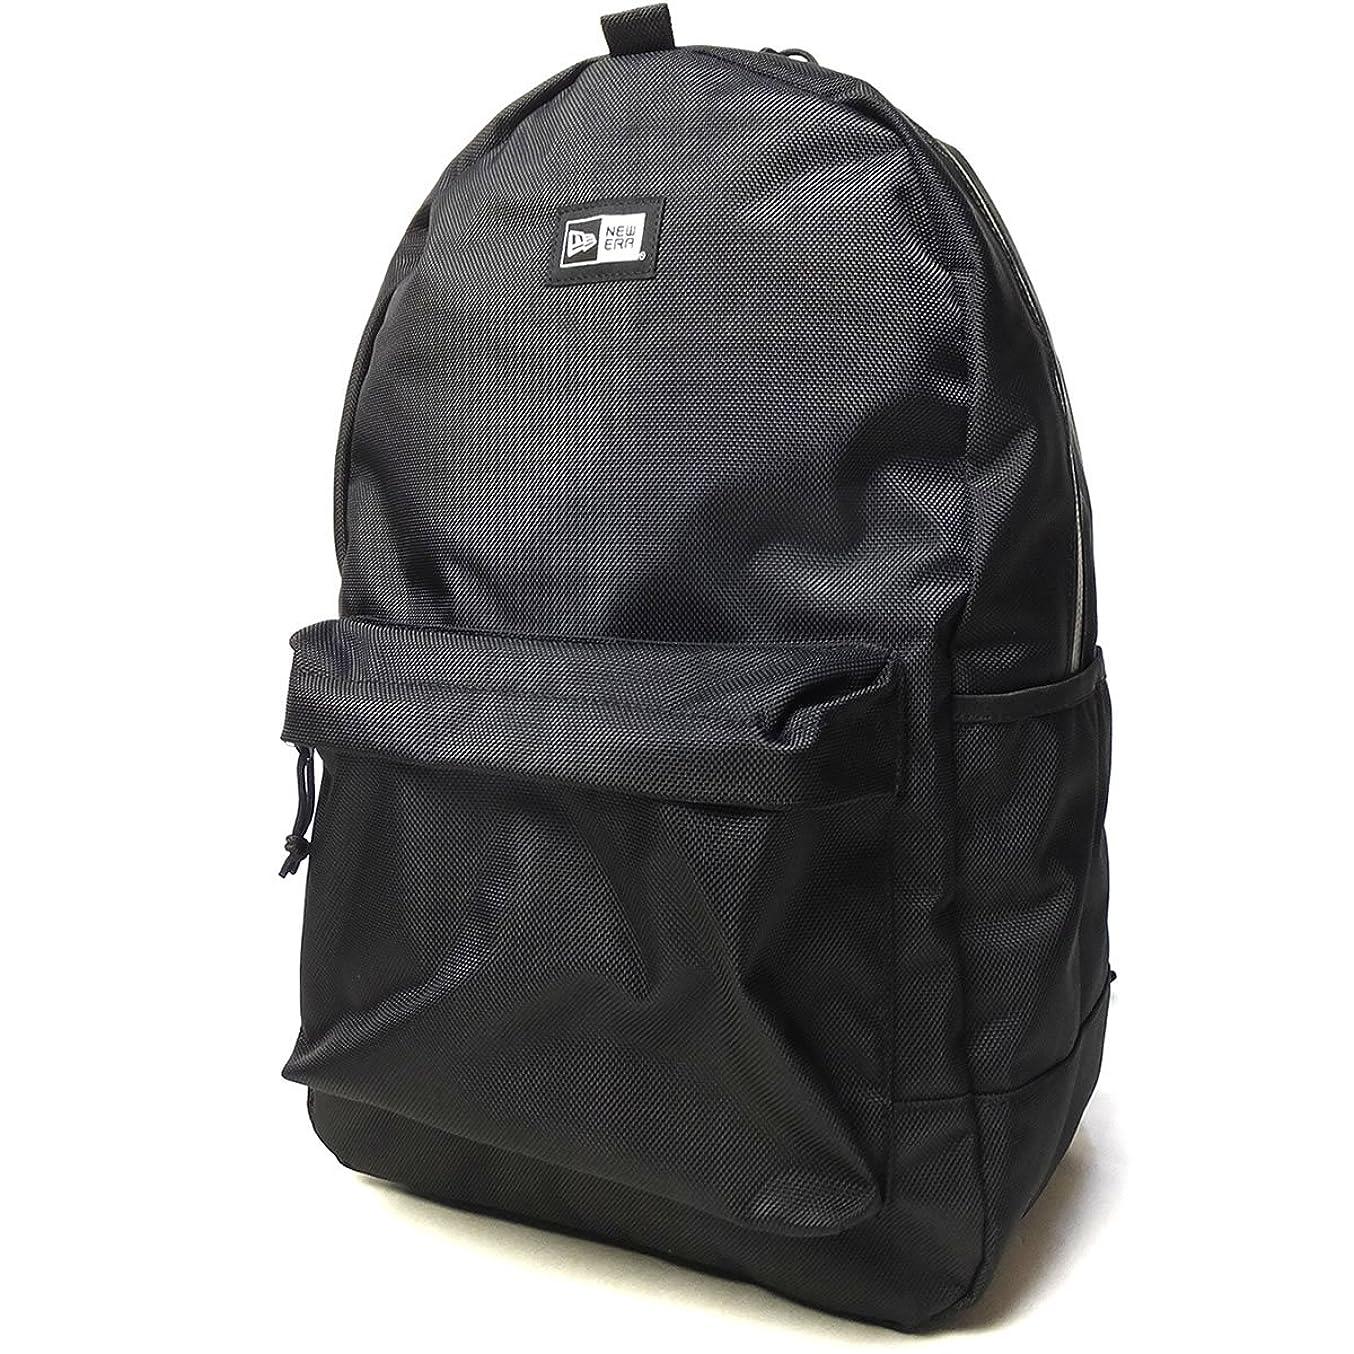 誇張するまだらトリムニューエラ ライトパック ブラック 黒 カバン バッグ リュックサック バッグパック 鞄 NEWERA LIGHT PACK BLACK 11404230